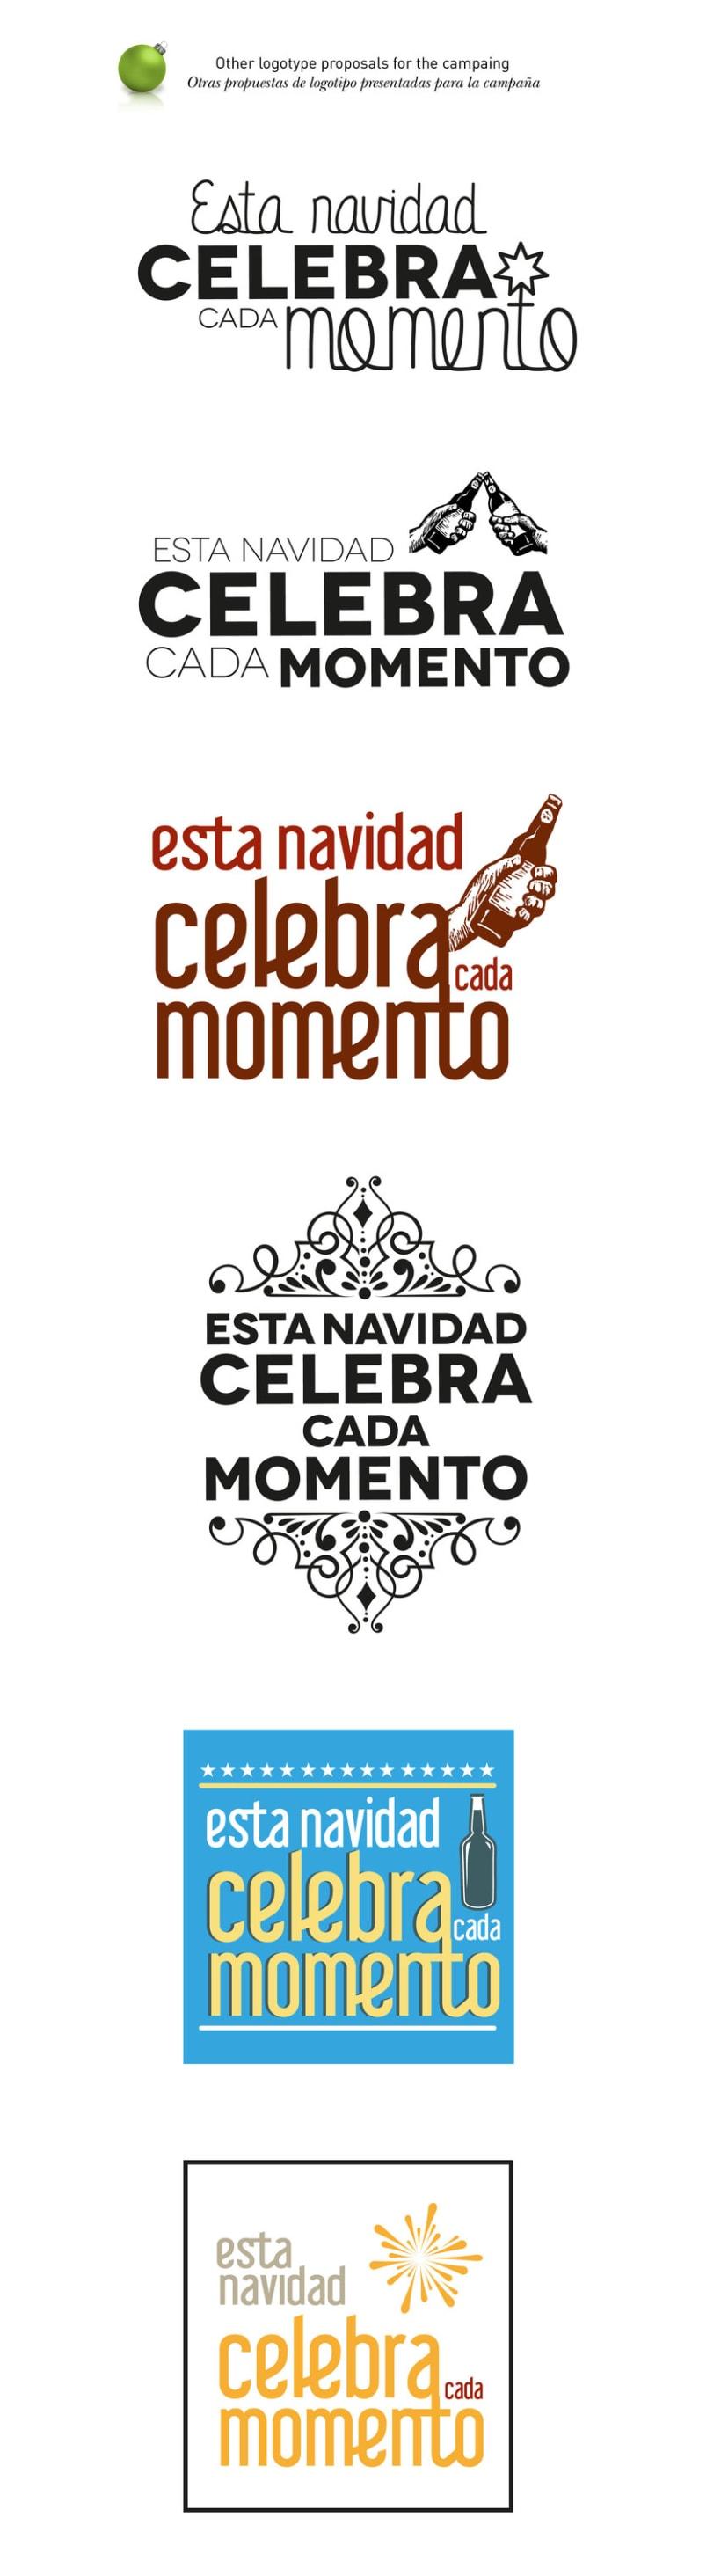 CELEBRA CADA MOMENTO 6